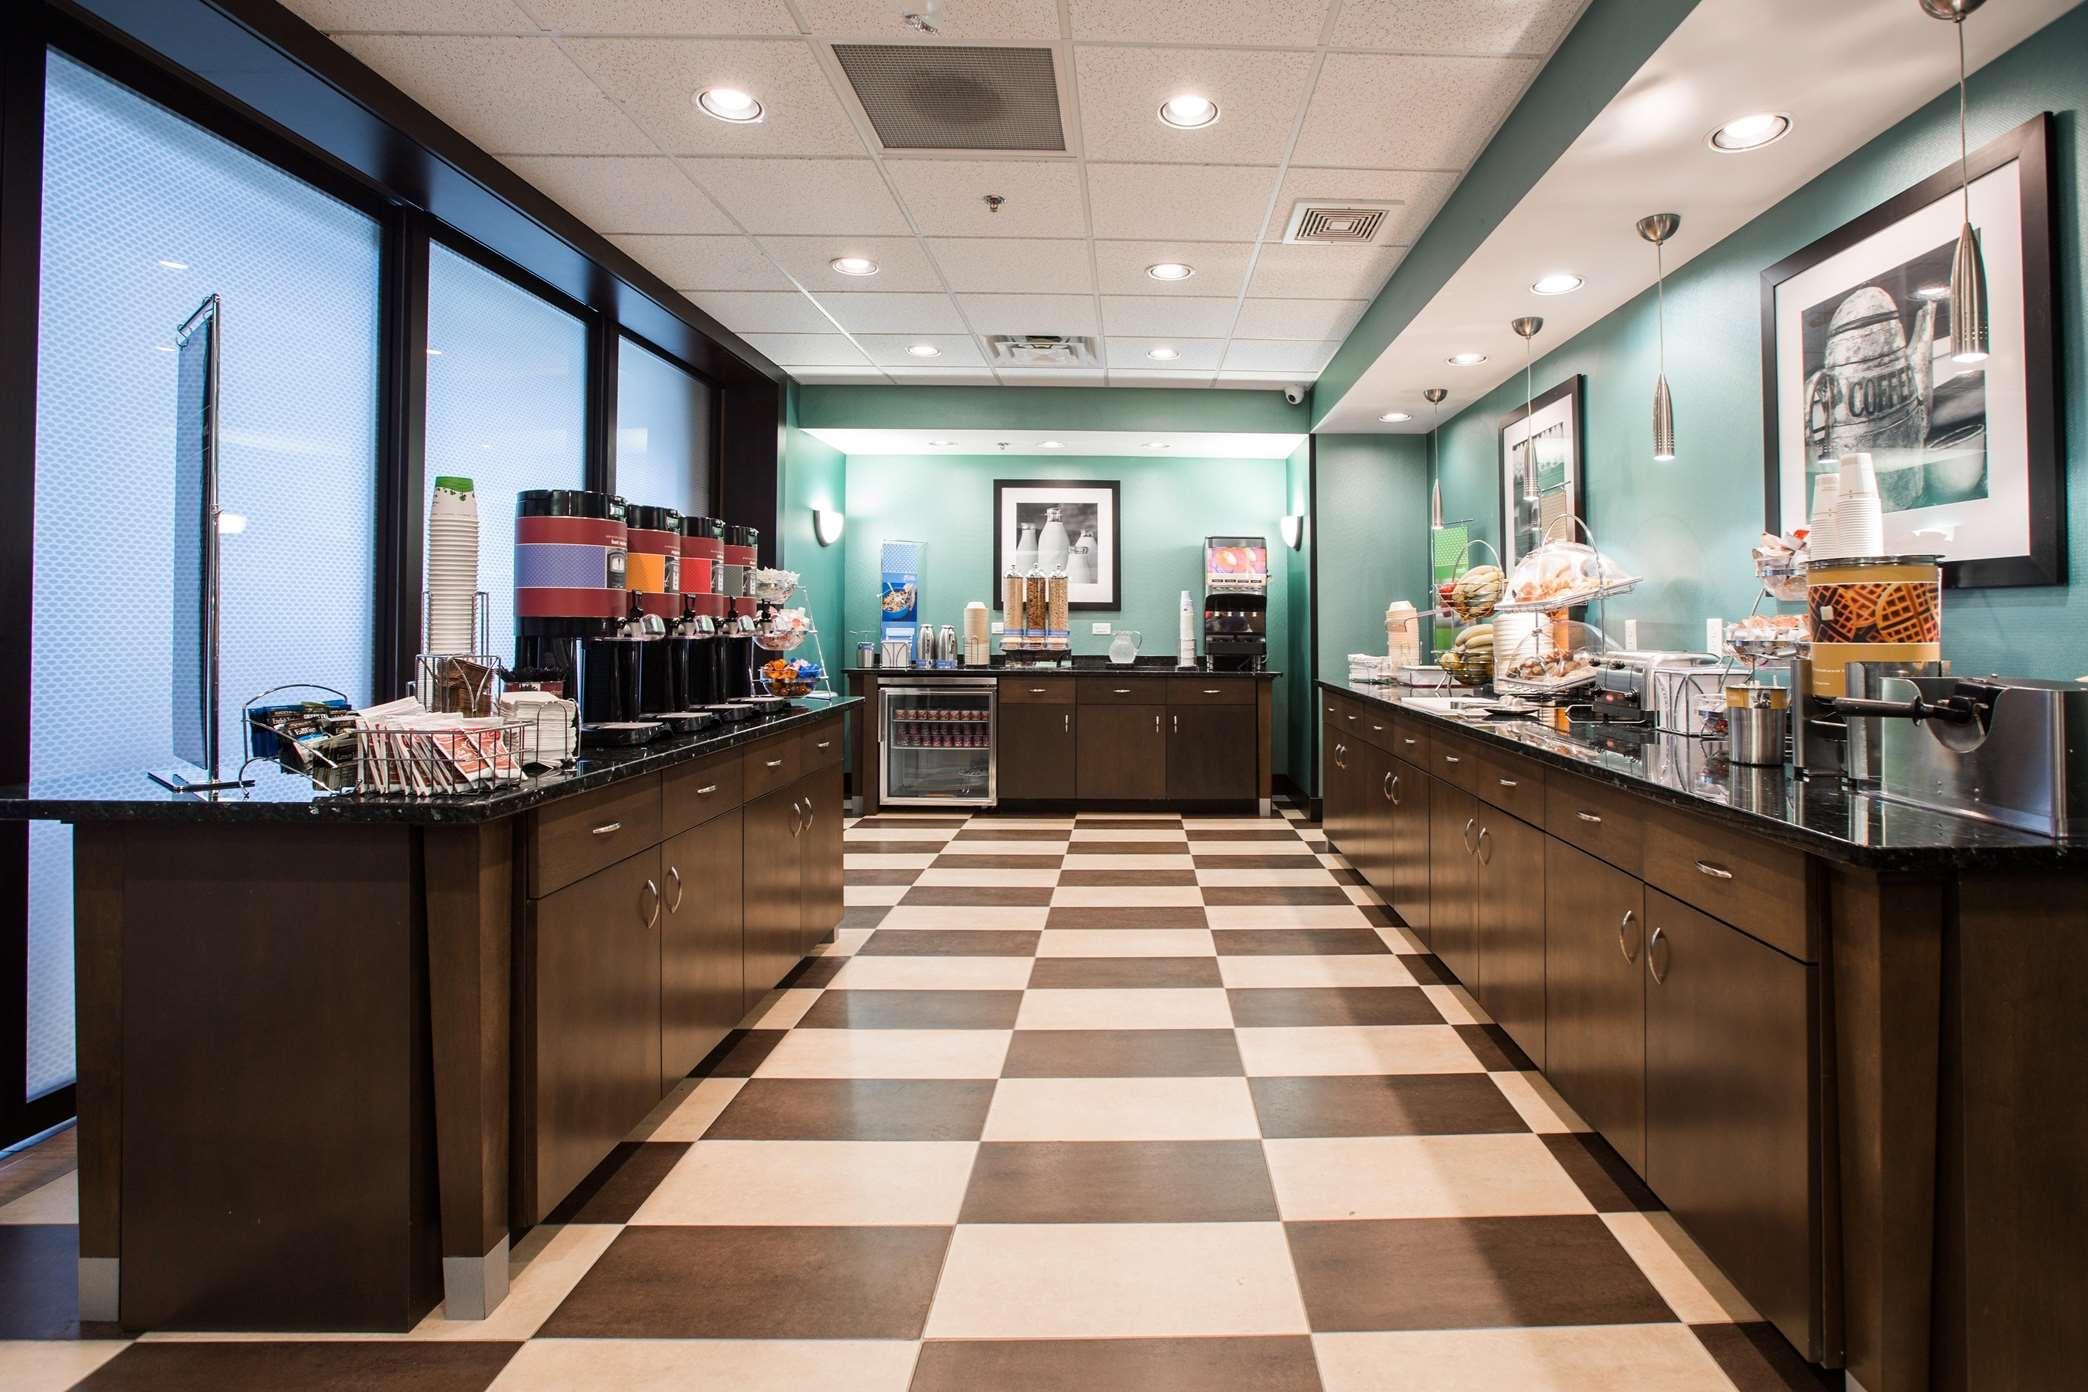 Hampton Inn & Suites Toledo/Westgate image 5